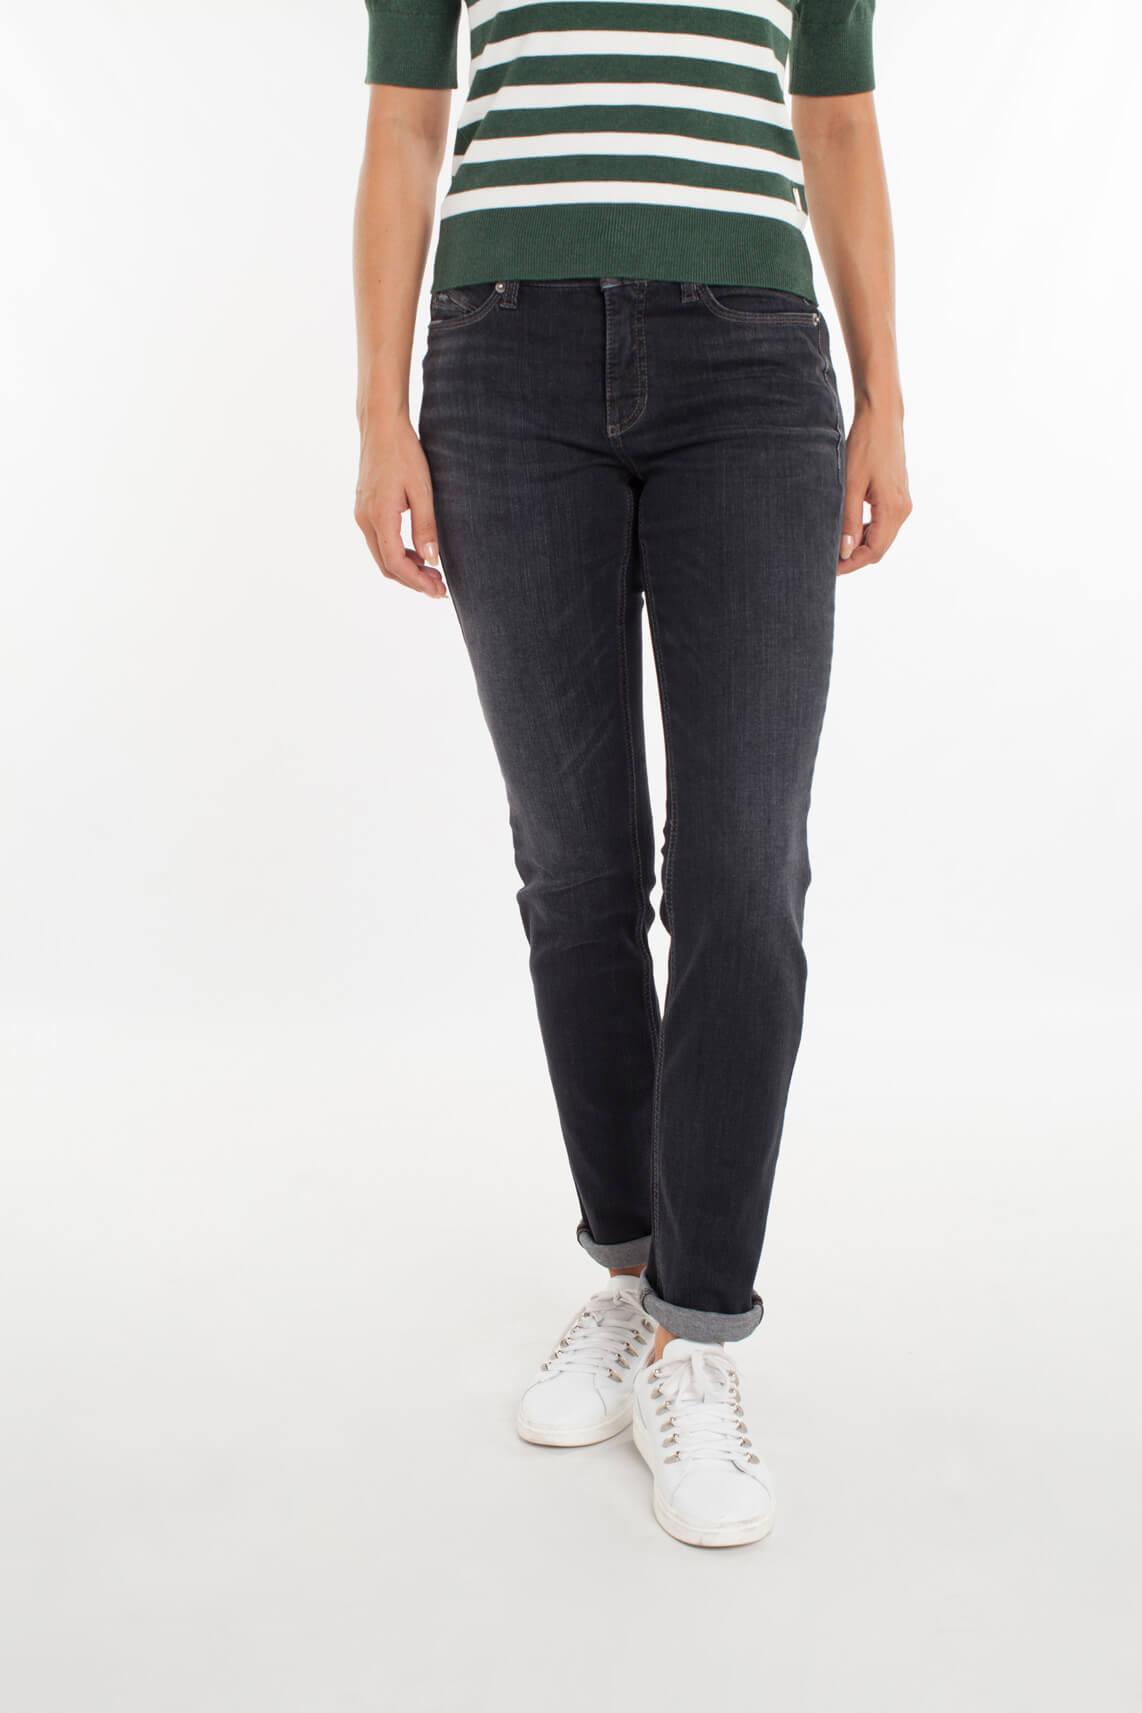 Cambio Dames Parla jeans met studs zwart